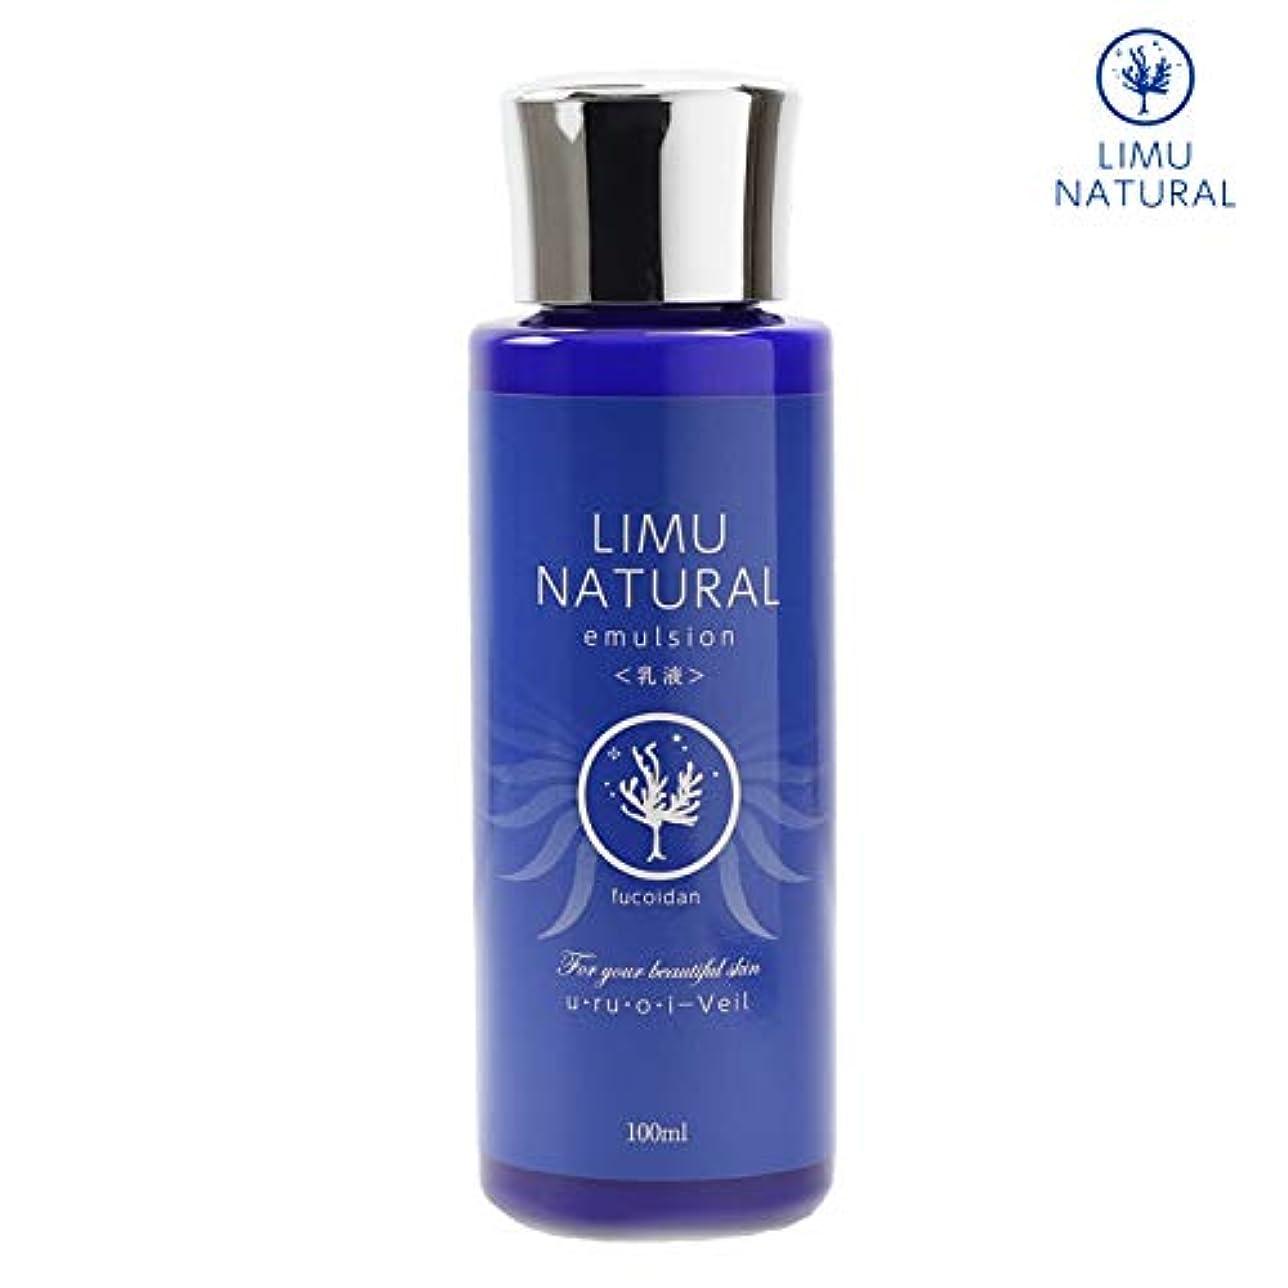 個人的にチロ利益リムナチュラル 乳液 LIMU NATURAL EMULSION (100ml) 海の恵「フコイダン」と大地の恵「グリセリルグルコシド」を贅沢に配合